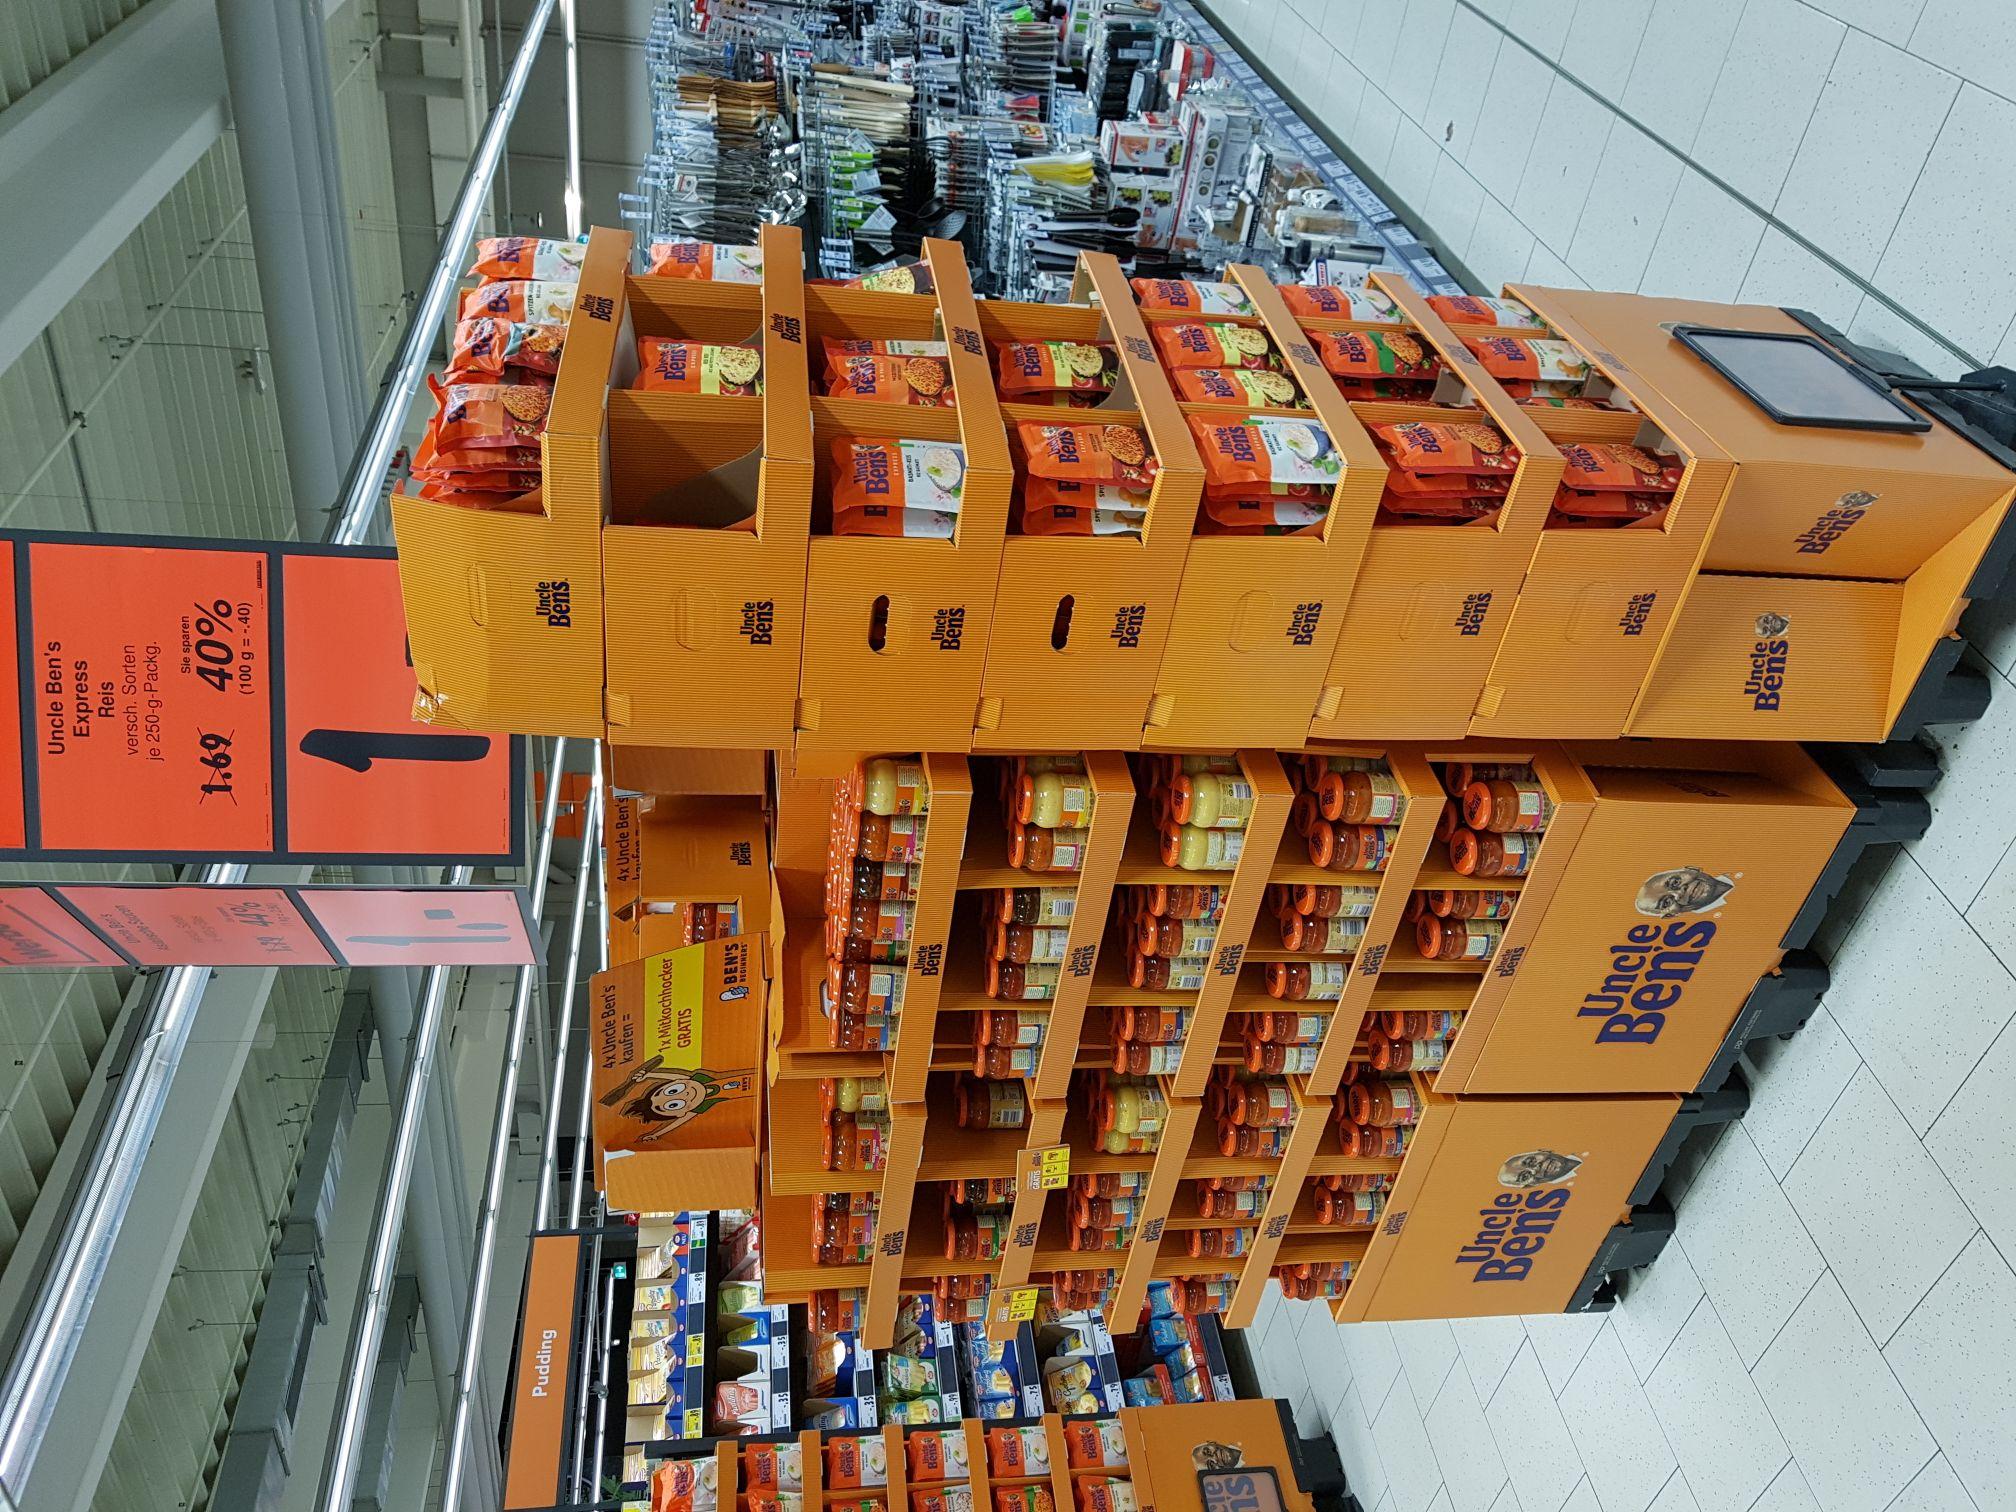 uncle bens reis und saucen lokal (berlin, vlt DE weit) kaufland 1€